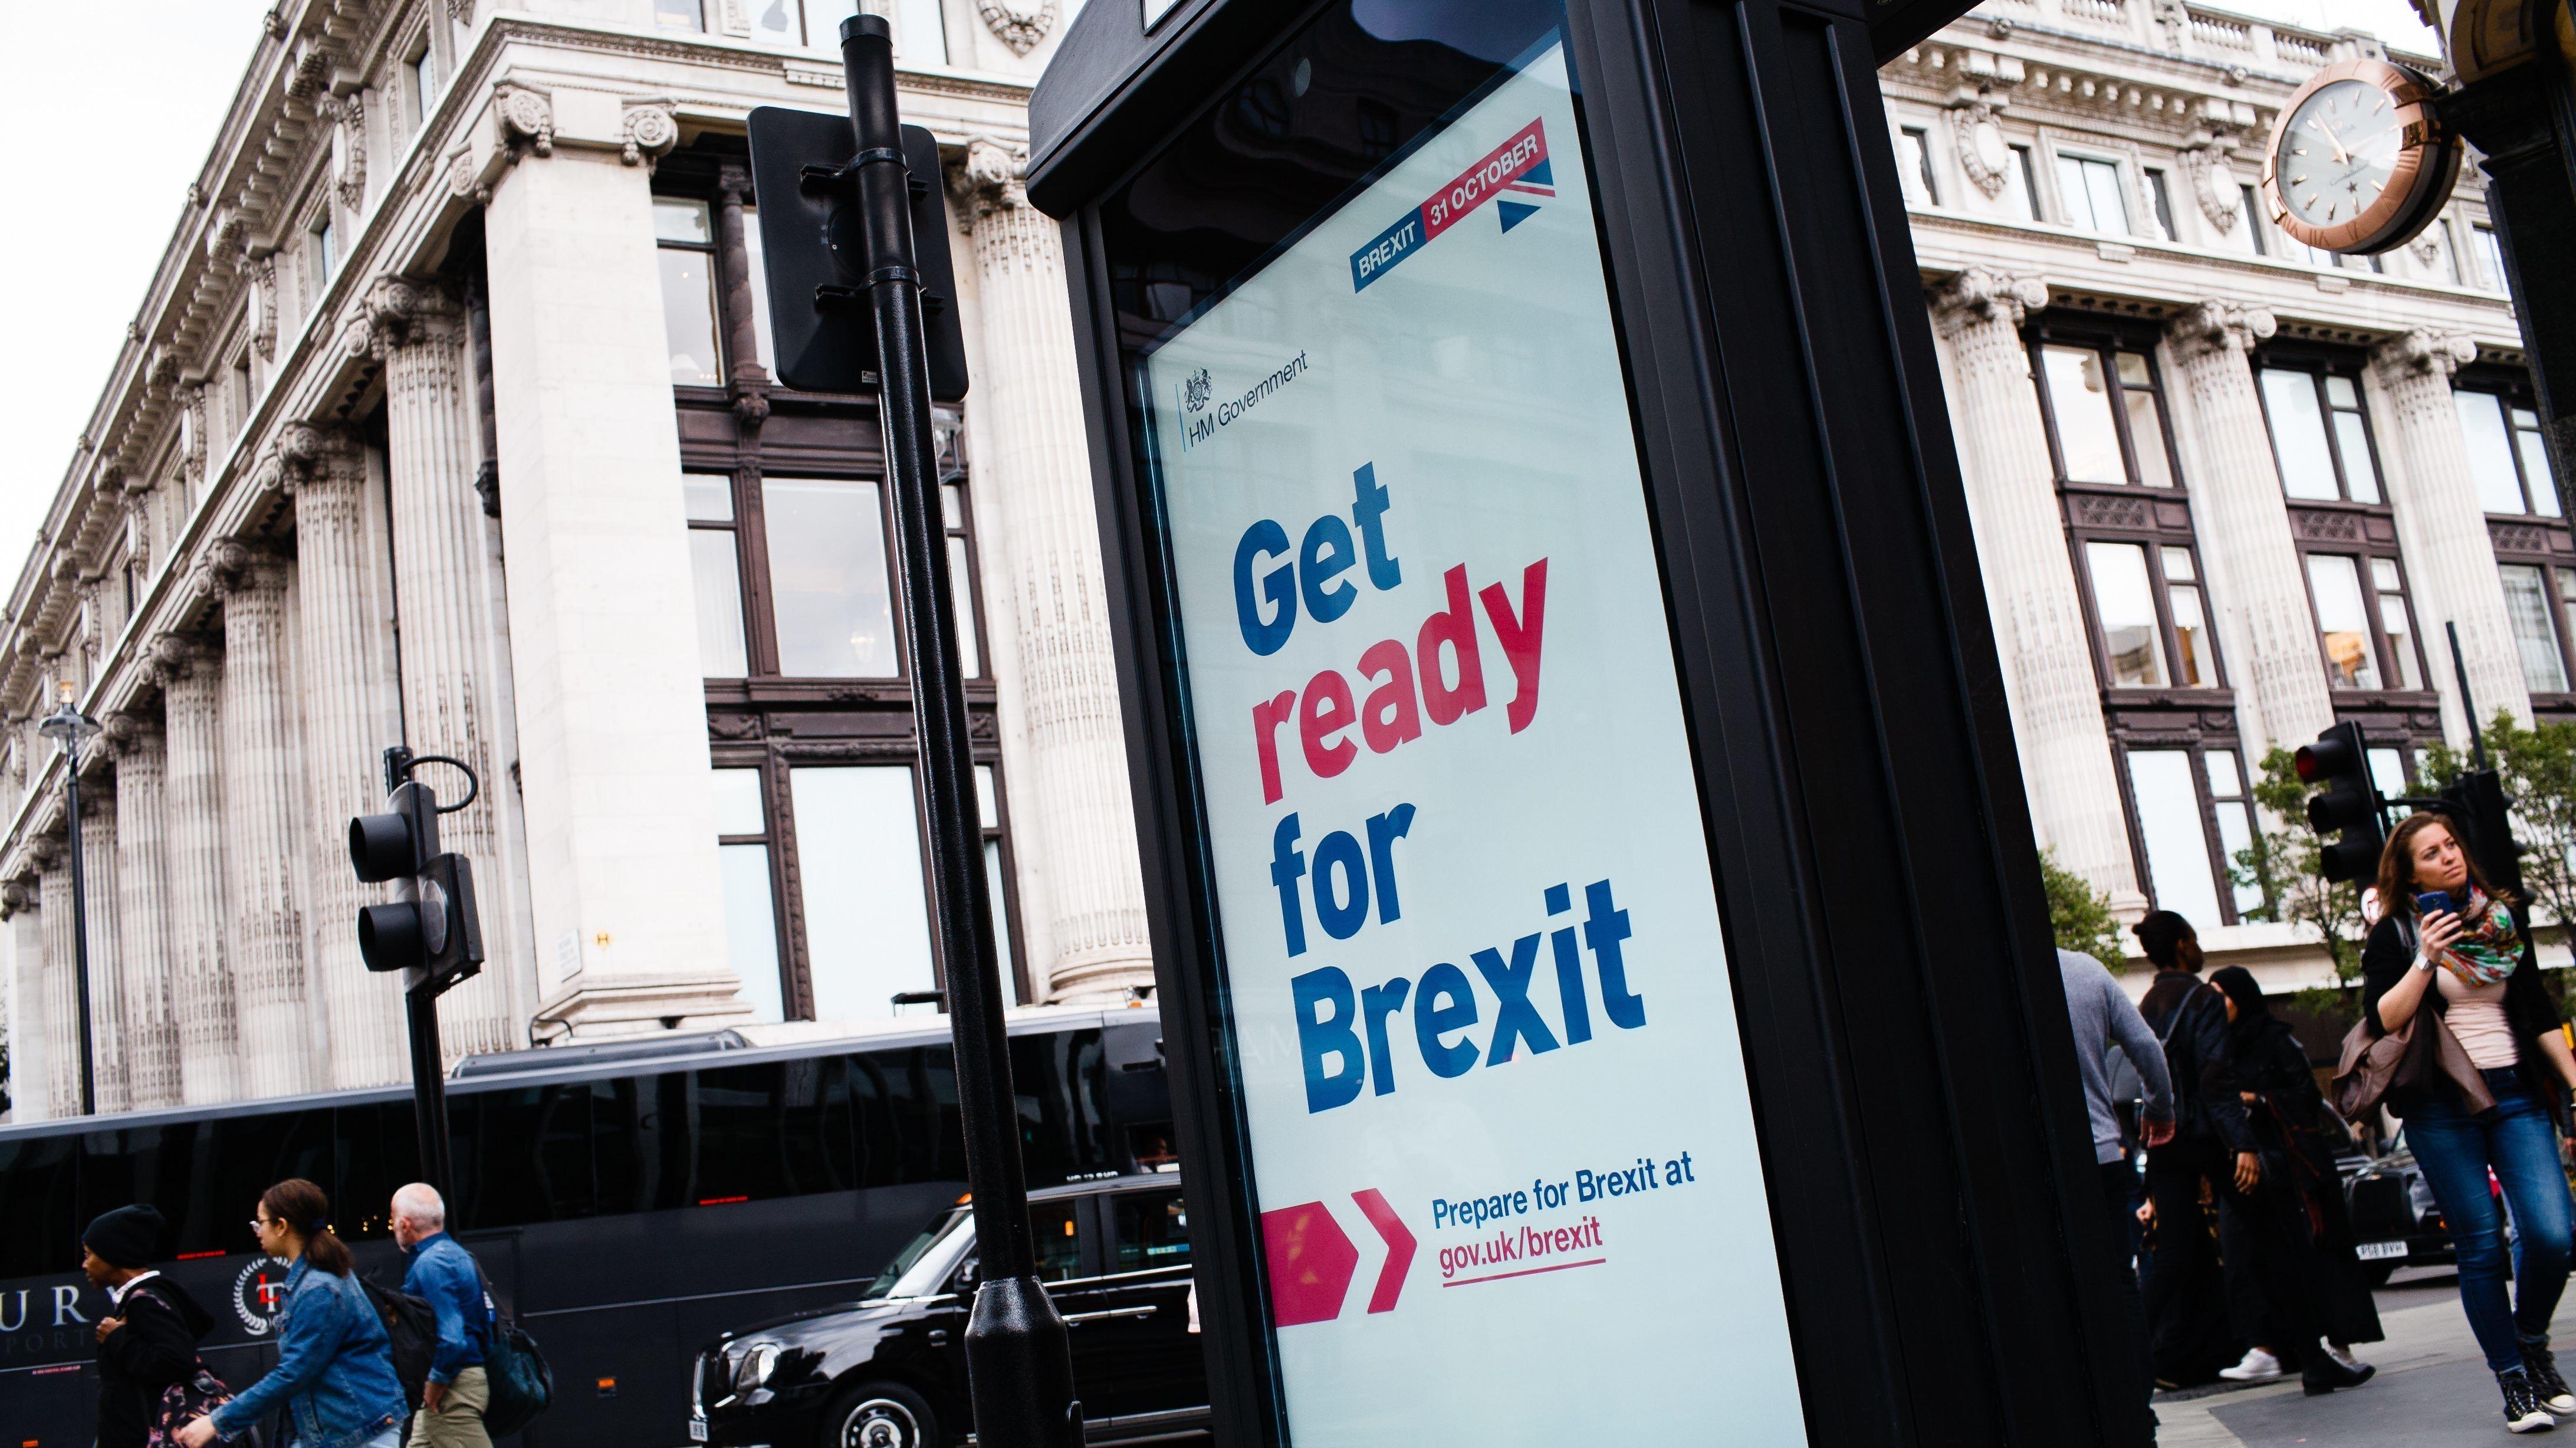 Plakat der Regierung weist die Bürger Großbritanniens darauf hin, sich auf den Brexit vorzubereiten